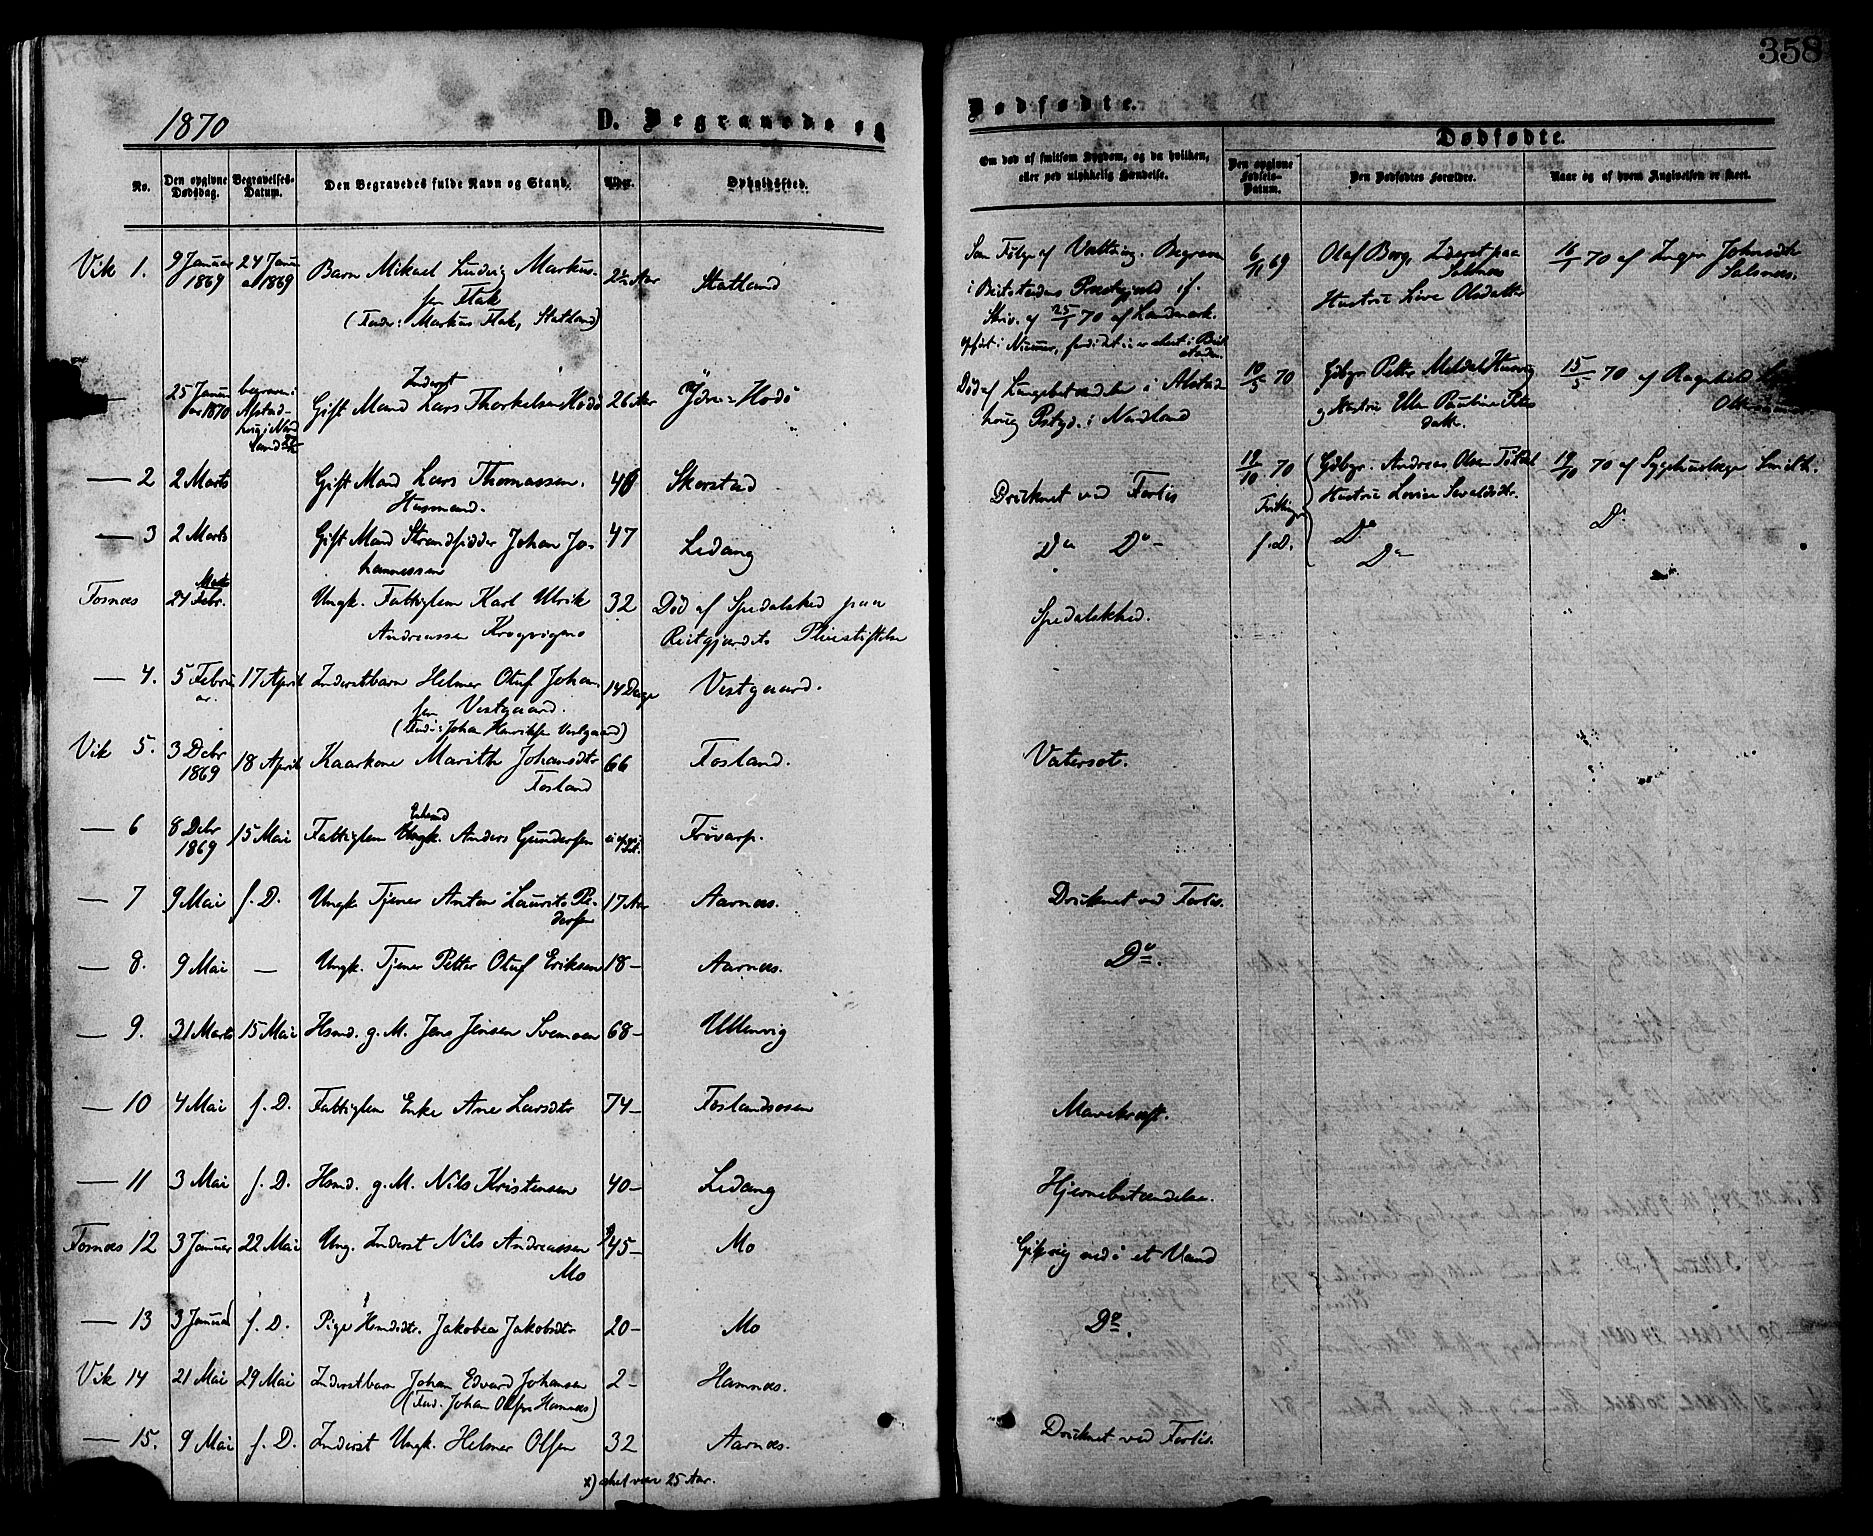 SAT, Ministerialprotokoller, klokkerbøker og fødselsregistre - Nord-Trøndelag, 773/L0616: Ministerialbok nr. 773A07, 1870-1887, s. 358